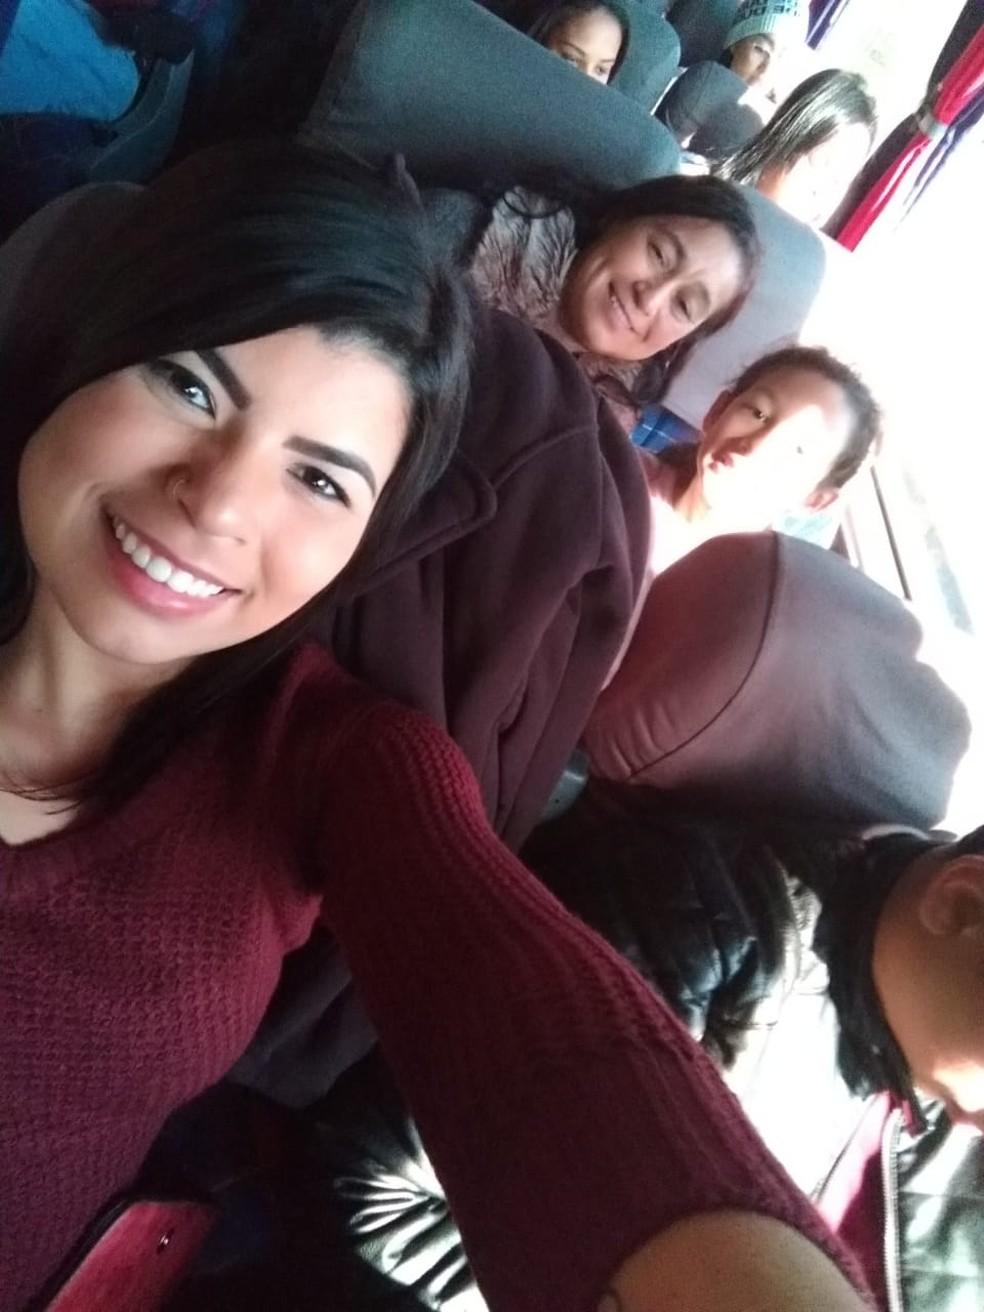 Suelen dez foto com a família dentro do ônibus da excursão para comemorar aniversário de 83 anos da avó — Foto: Arquivo Pessoal